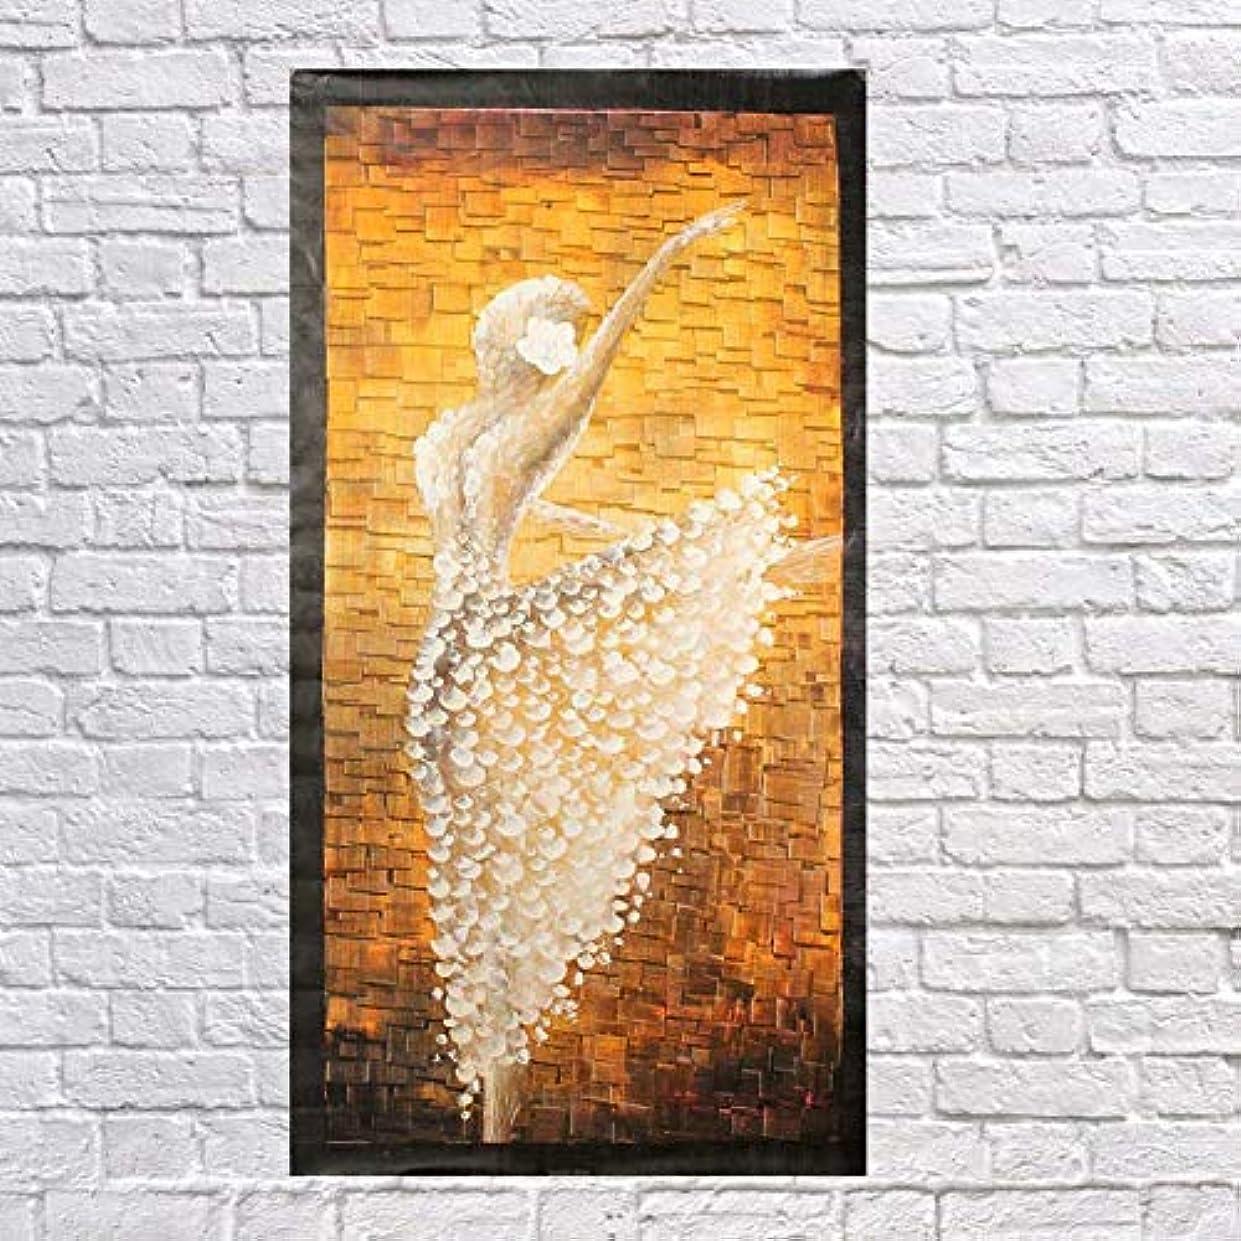 炎上アラブステレオWZYYH フレームなし手作り抽象踊る白い花キャンバスに油絵写真壁の画像画像の部屋家の装飾